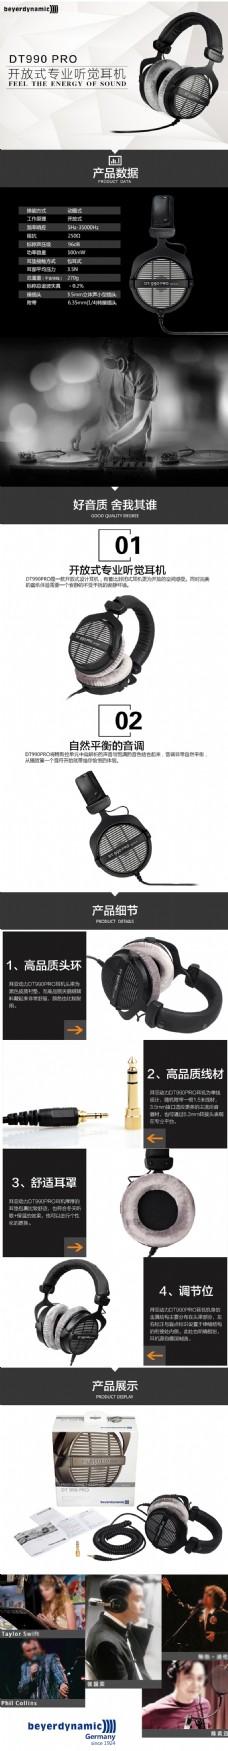 淘宝详情 产品详情页 数码产品耳机详情页